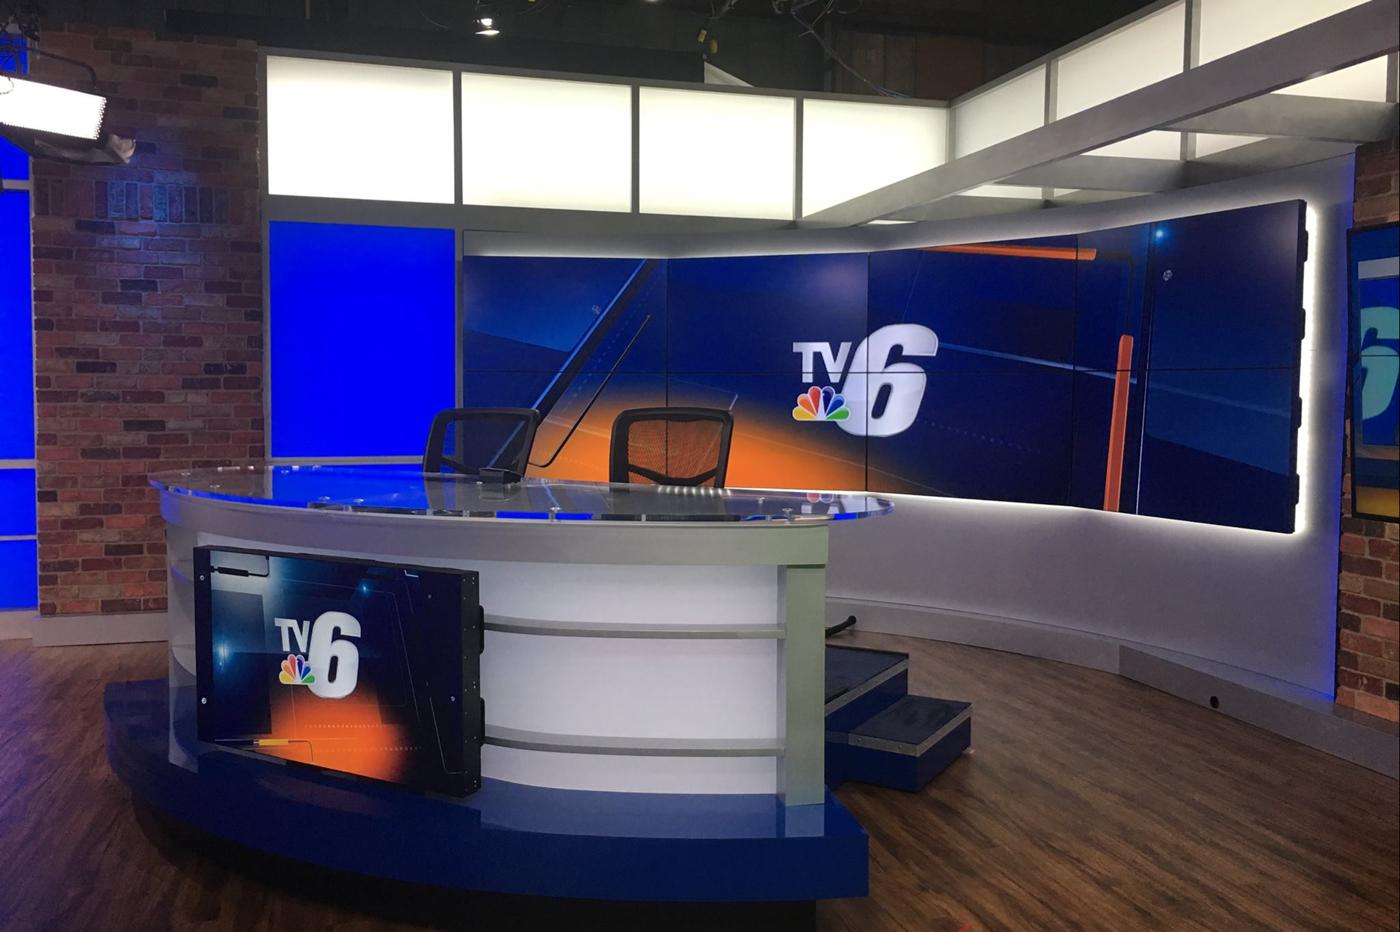 ncs_tv6-wluc-tv-studio_0013